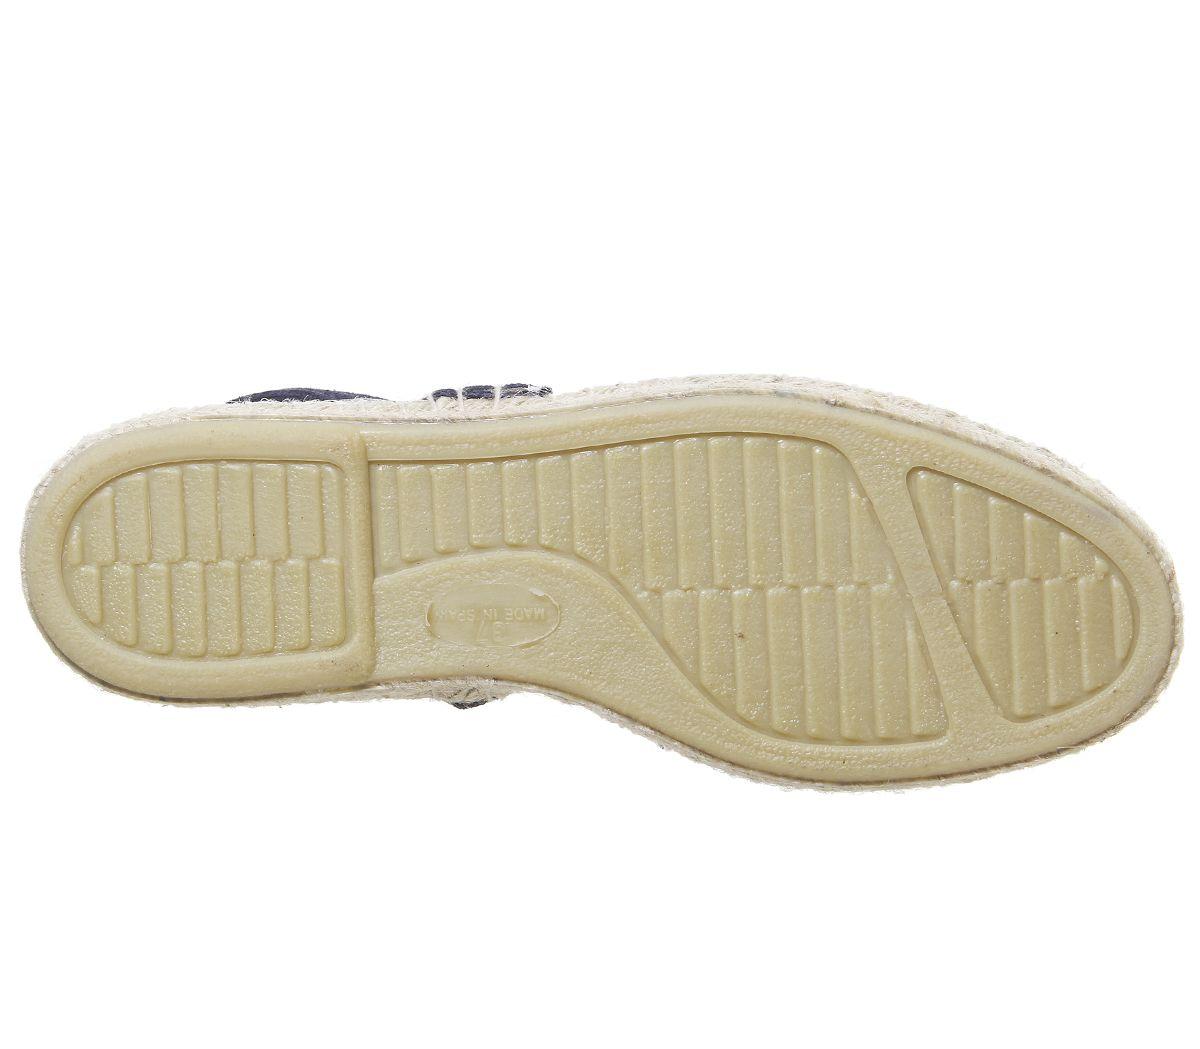 Womens-Solillas-Solillas-Estrella-Sandals-Navy-Sandals thumbnail 6